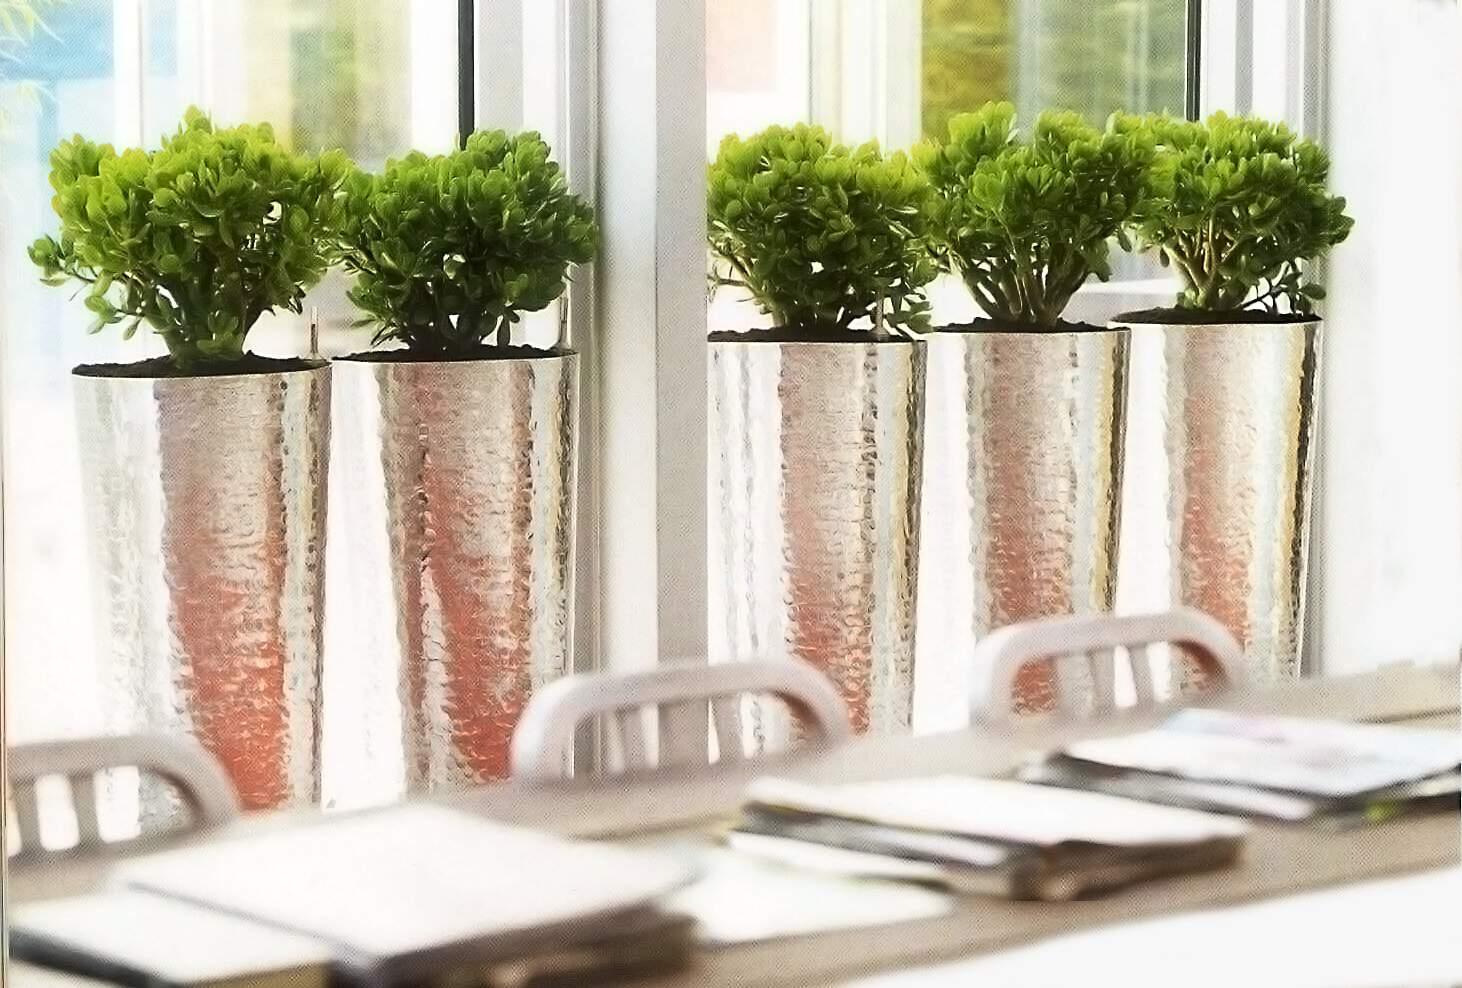 Aménagement végétal intérieur et pots design Végétal par Green Decor